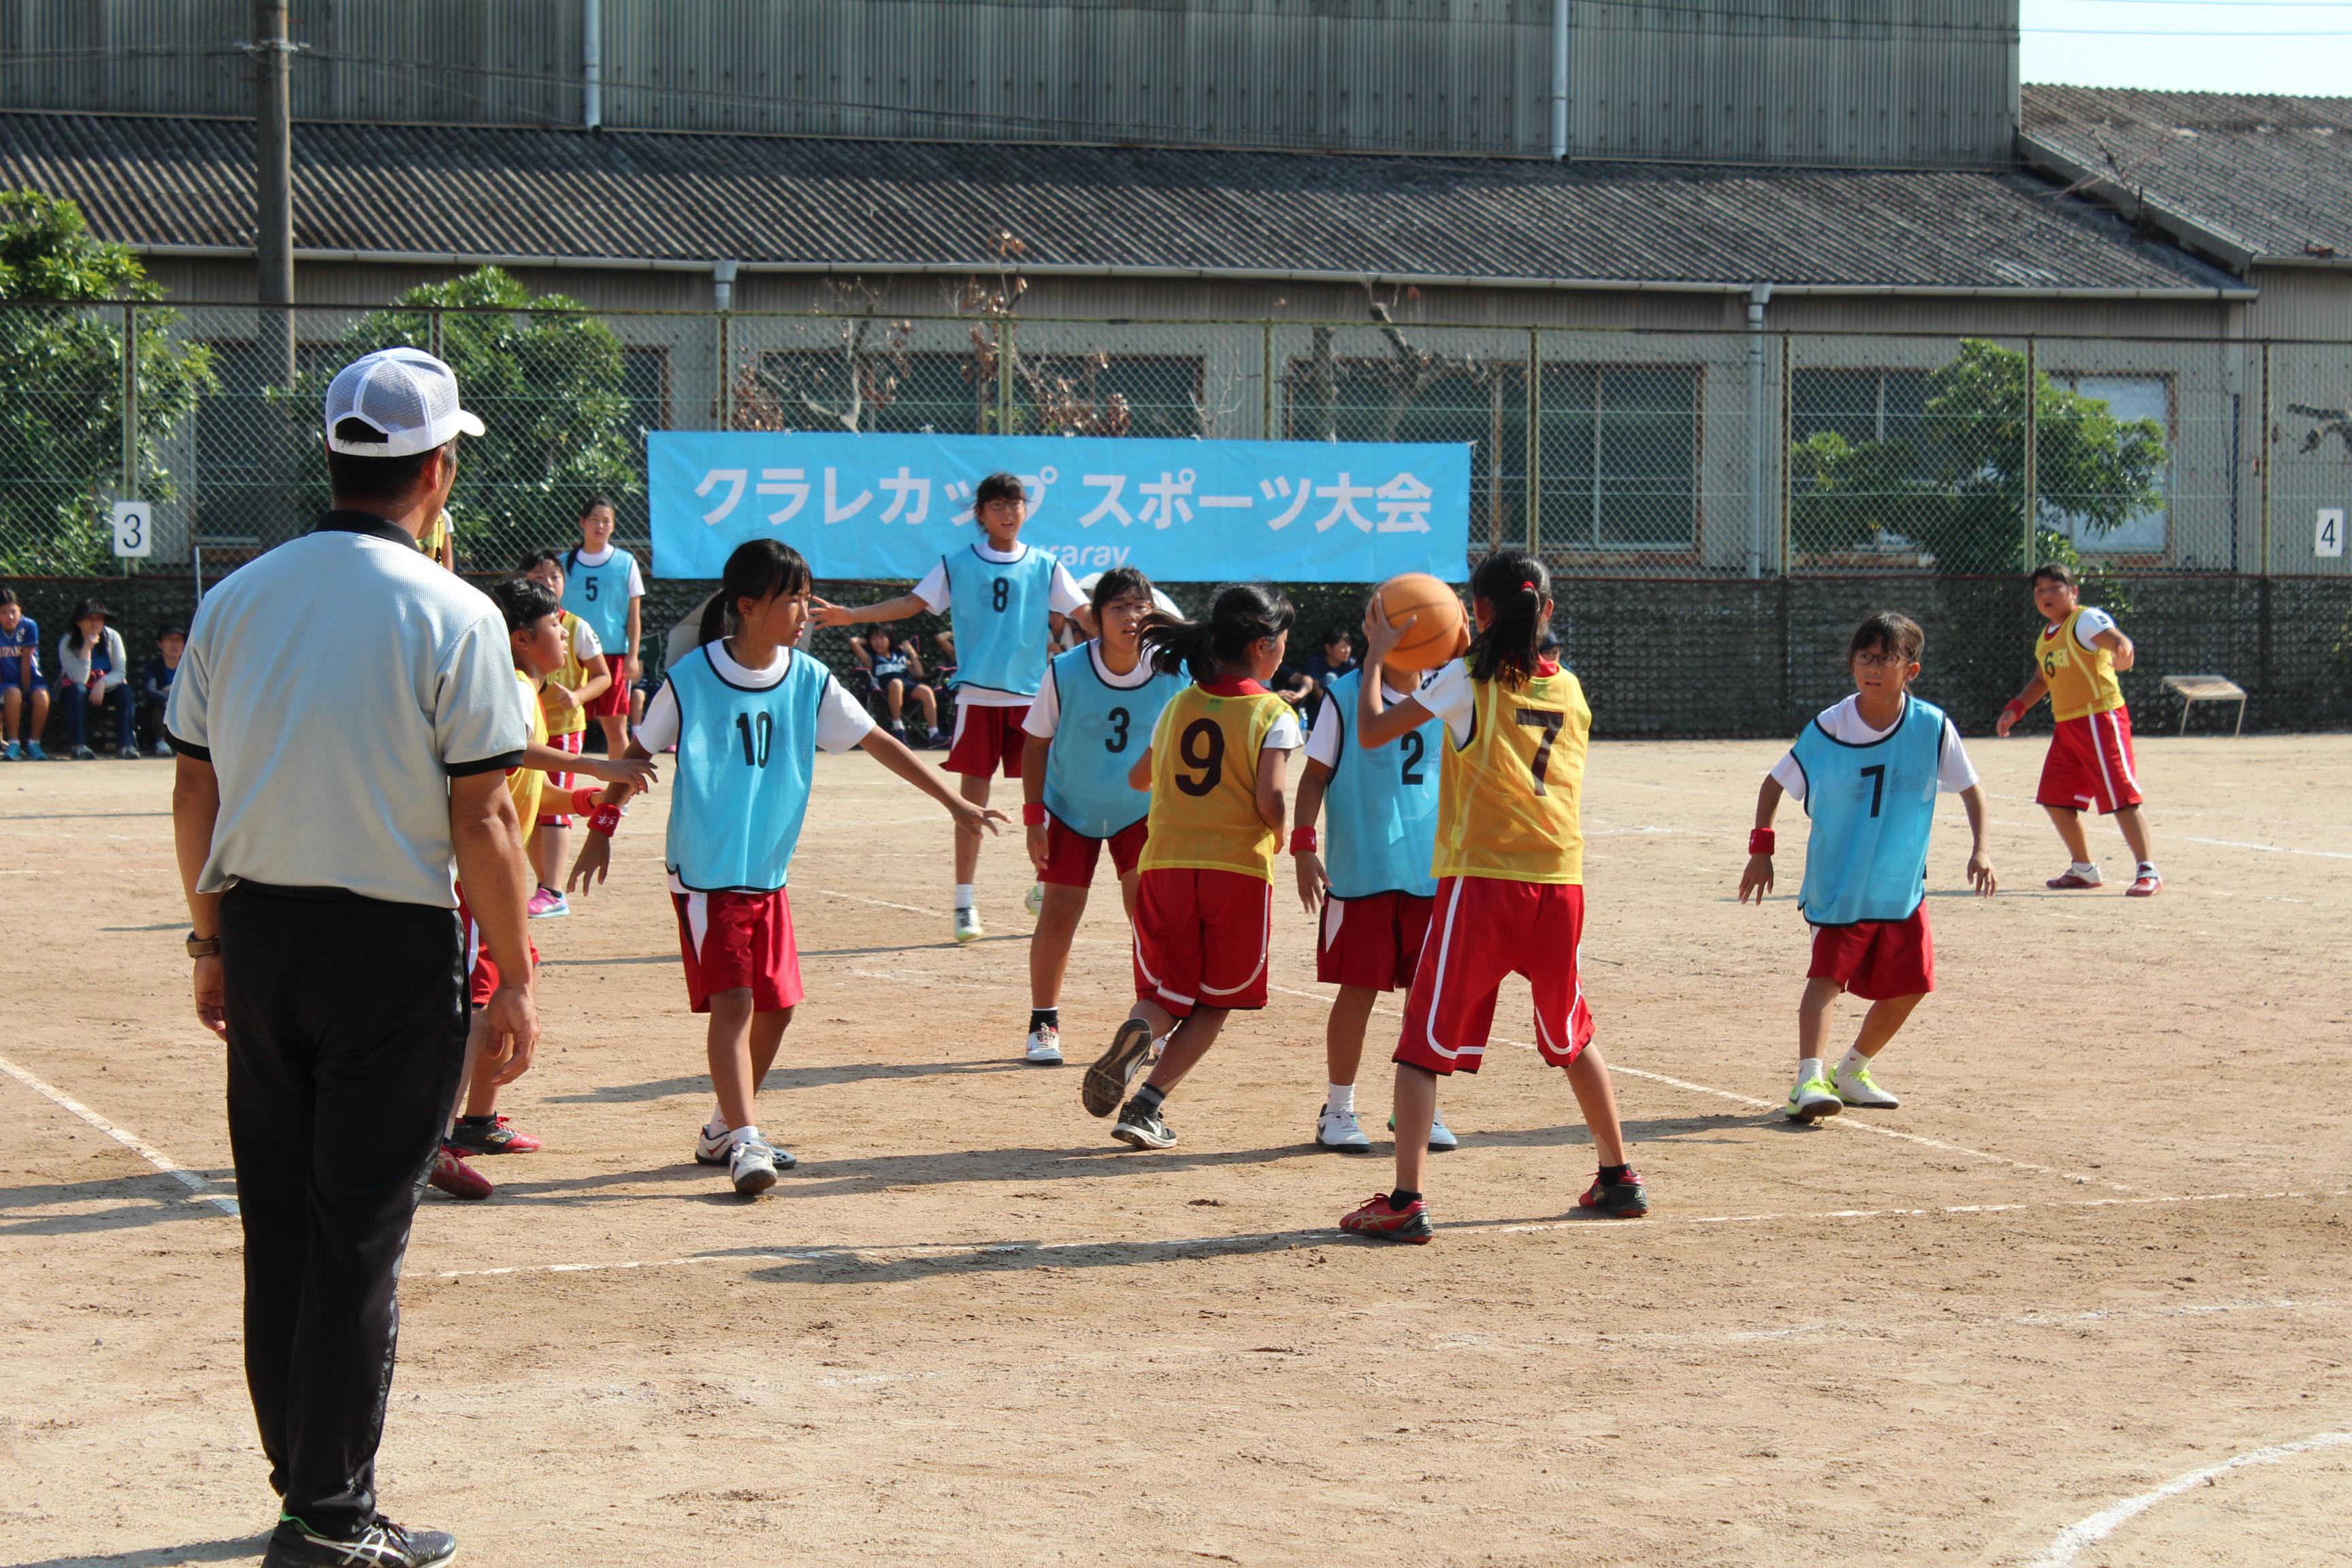 スポーツ クラレ クラレ 小6の就きたい職業1位はスポーツ選手と保育士